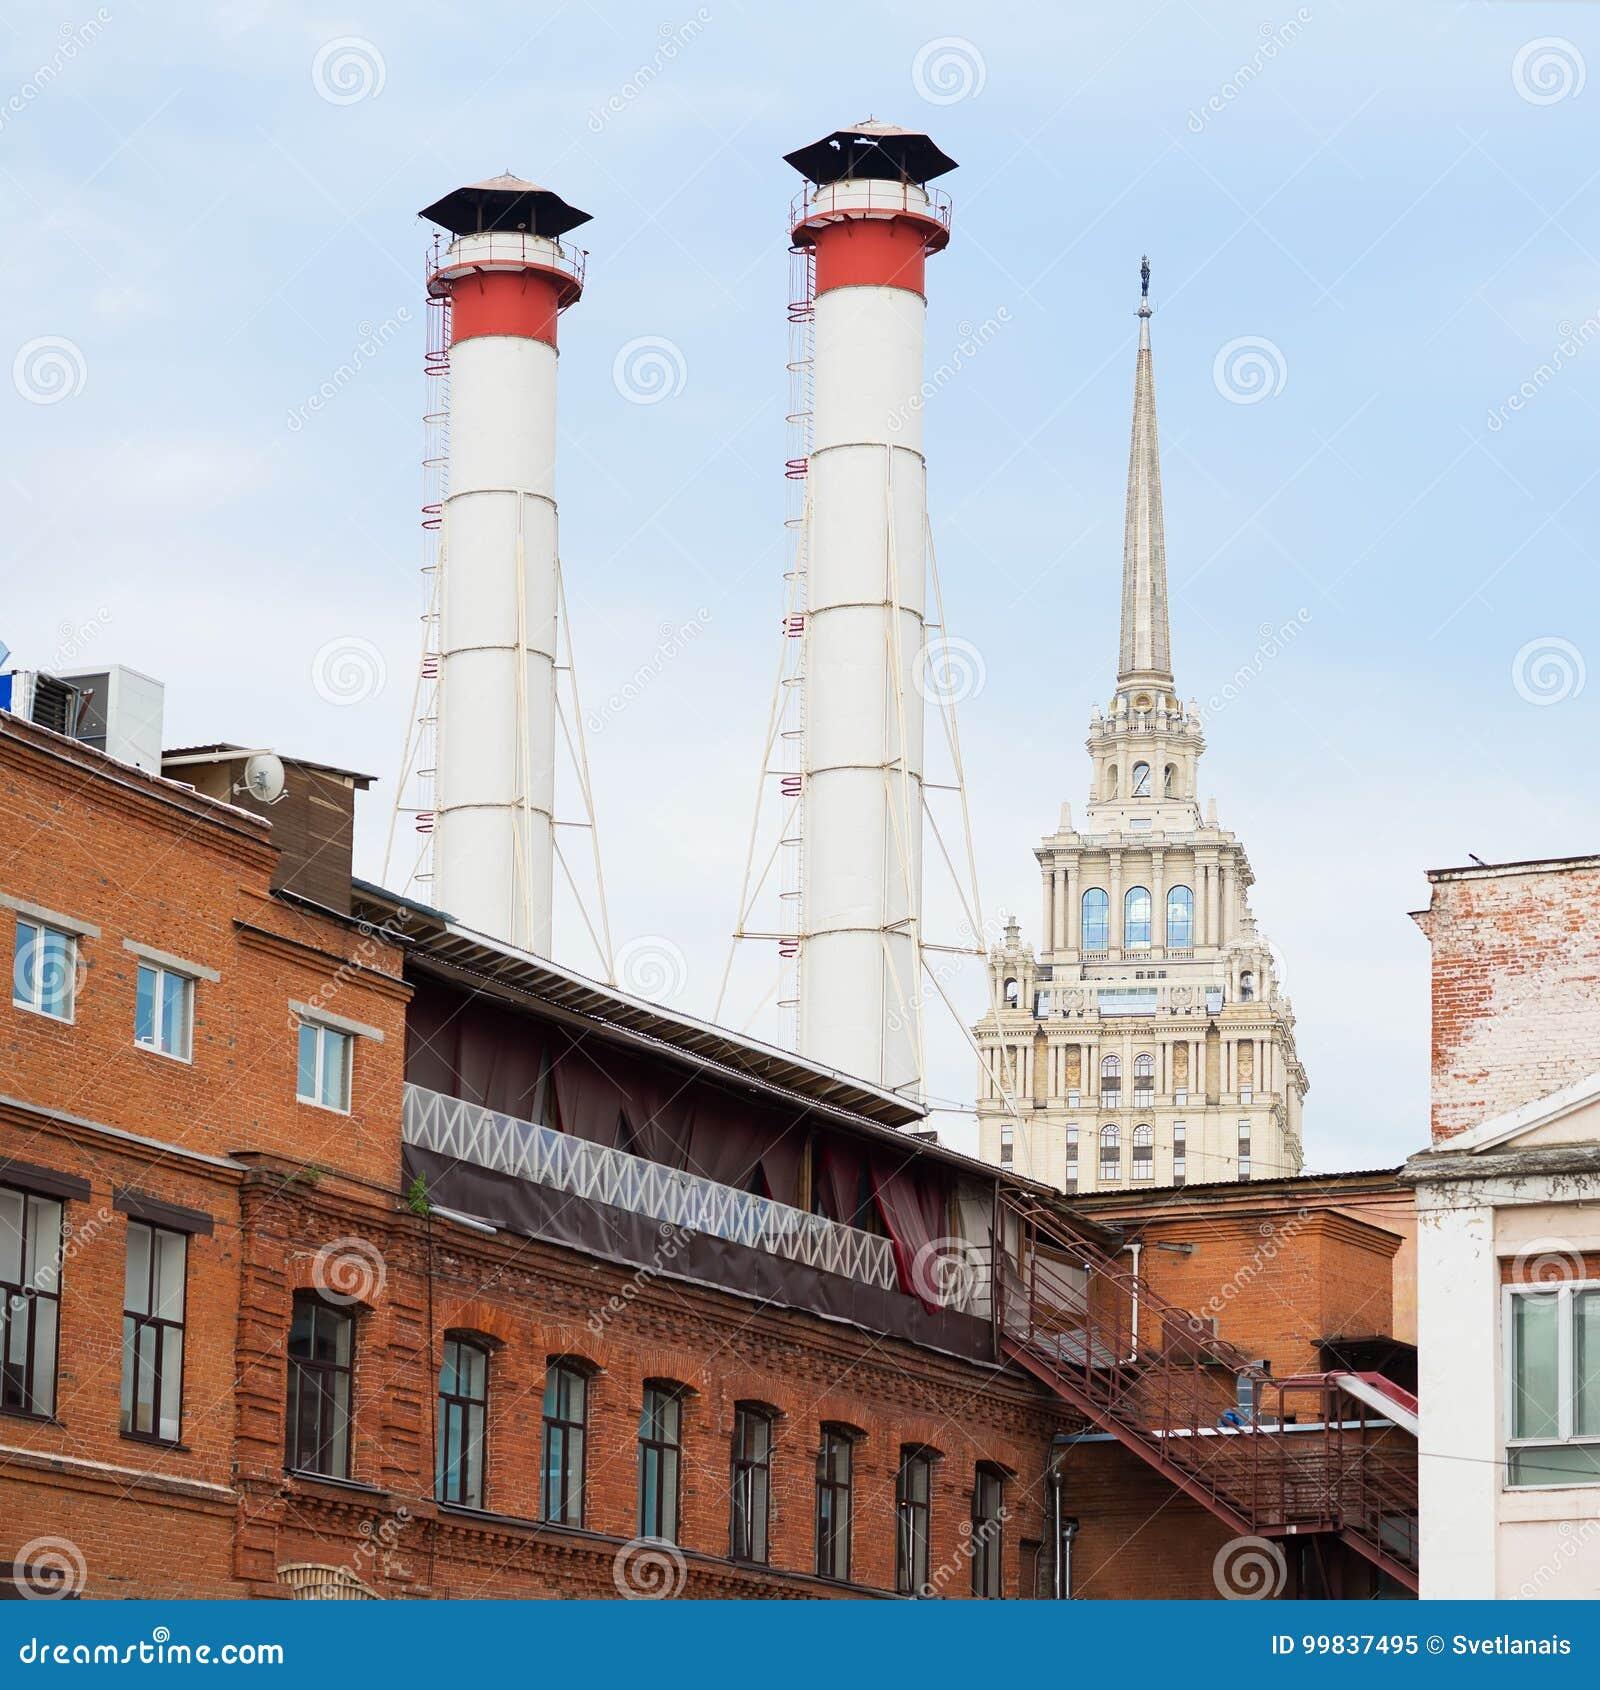 Mezcla de dos tubos y edificios de momentos diferentes contra el cielo Edificio industrial viejo de la fábrica del ladrillo rojo